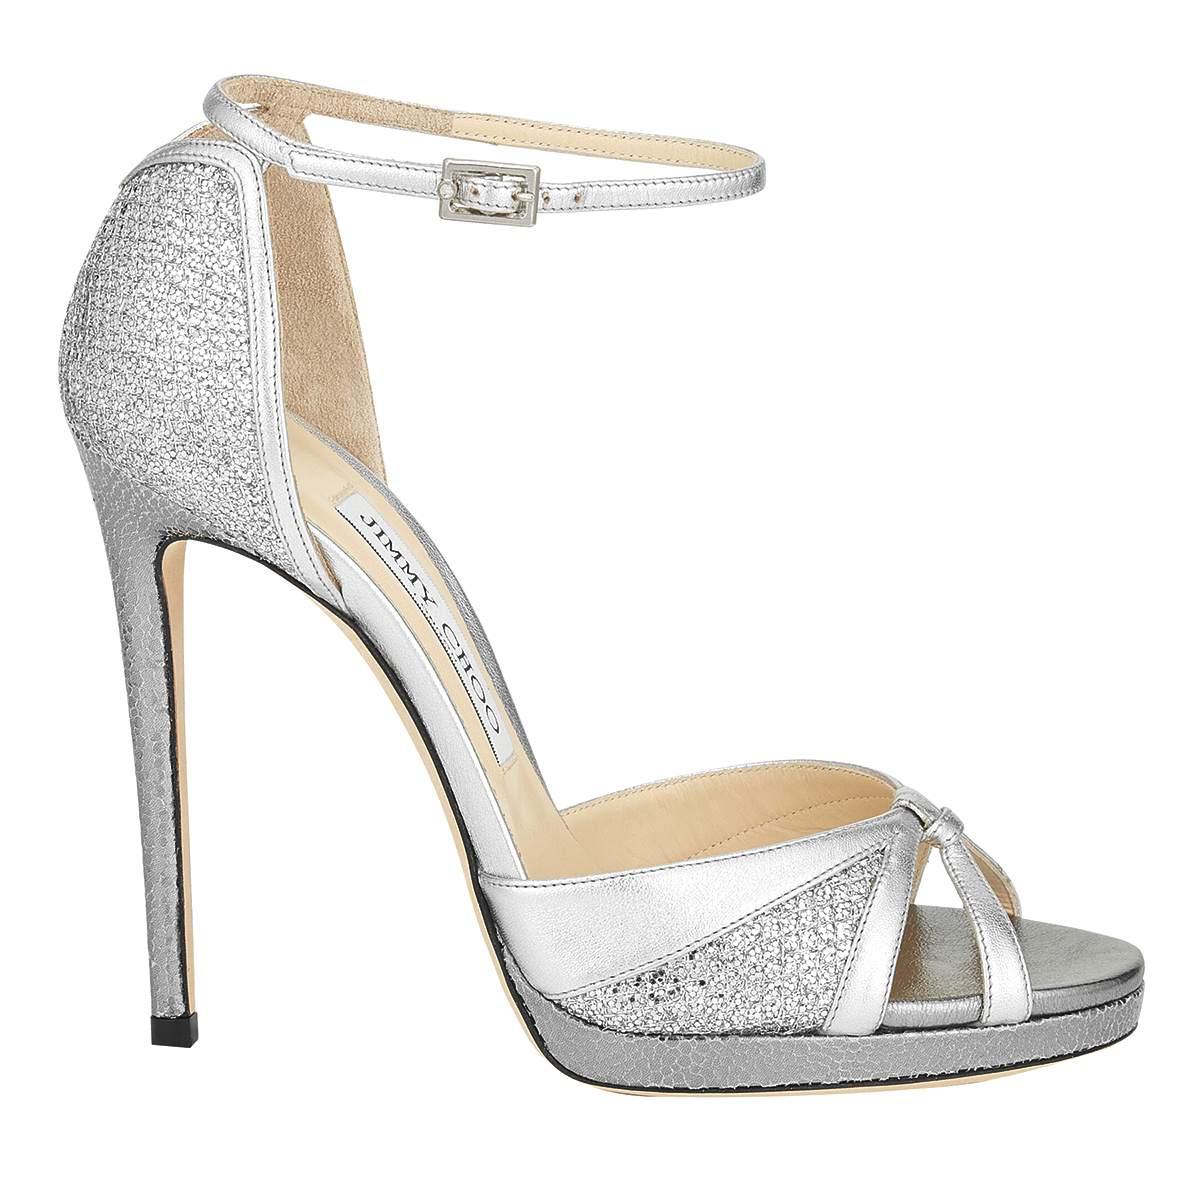 metallic wedding shoes jimmy choo wedding shoes Jimmy Choo Metallic wedding shoes